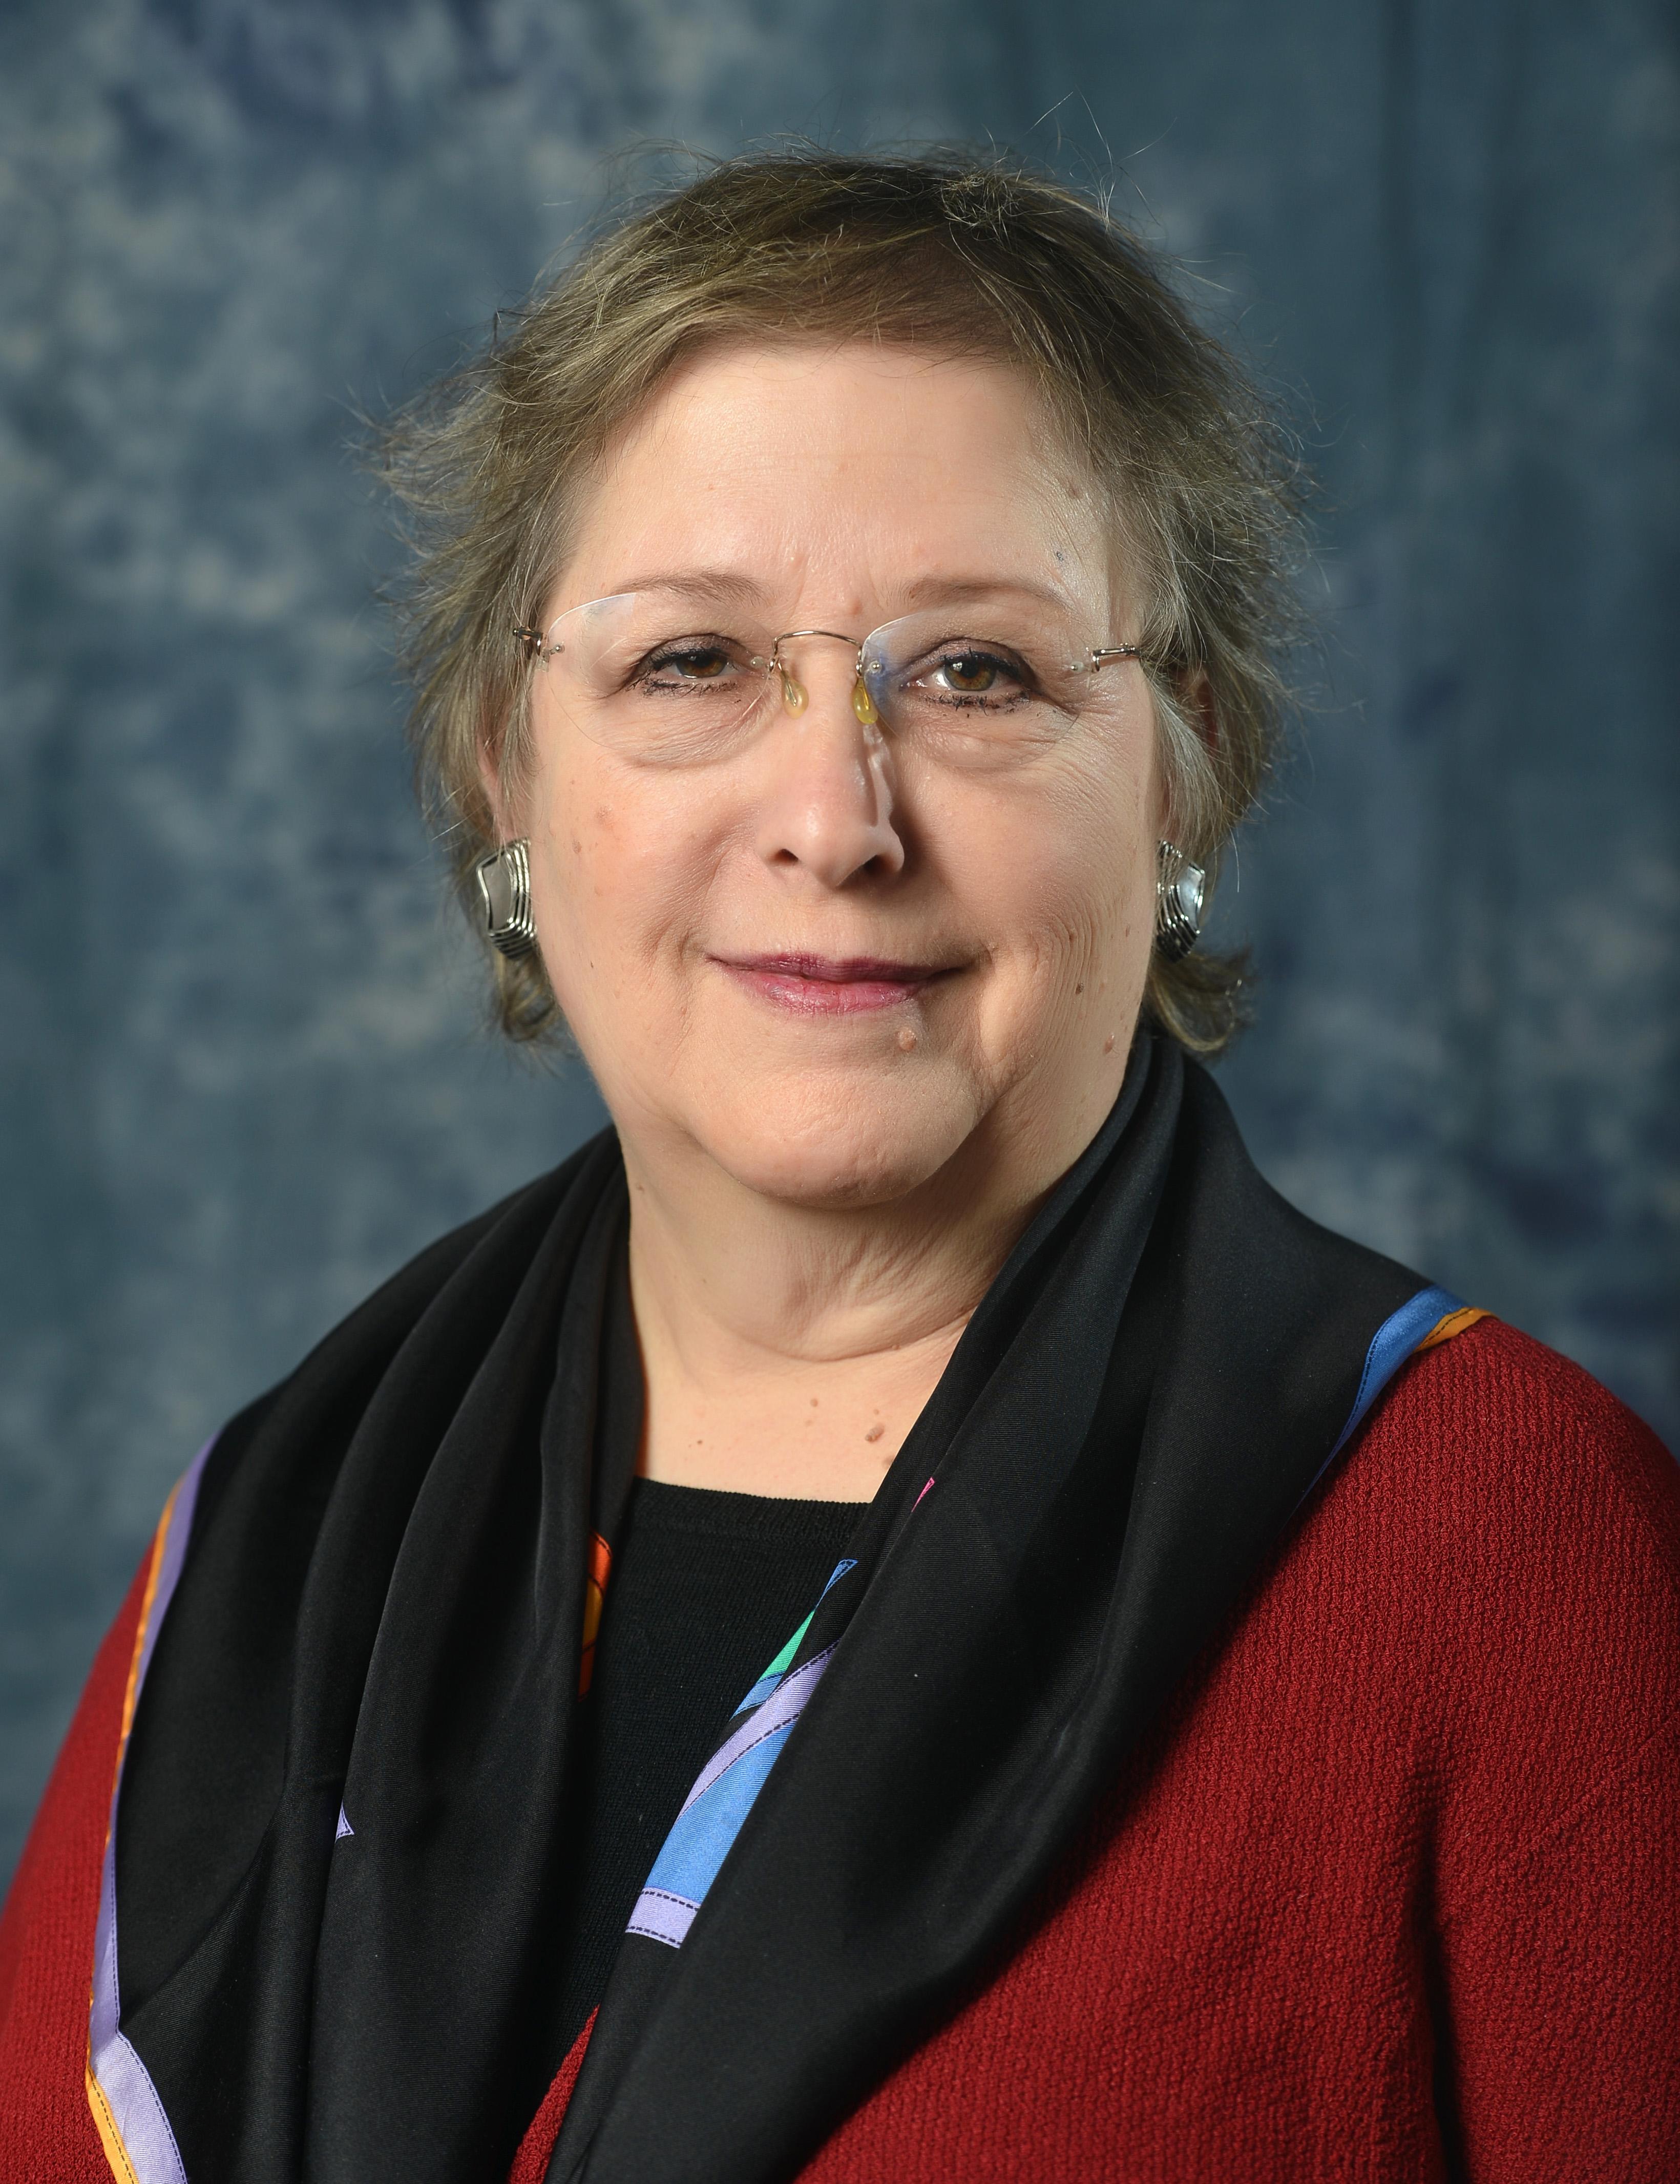 Marilyn Auerbach